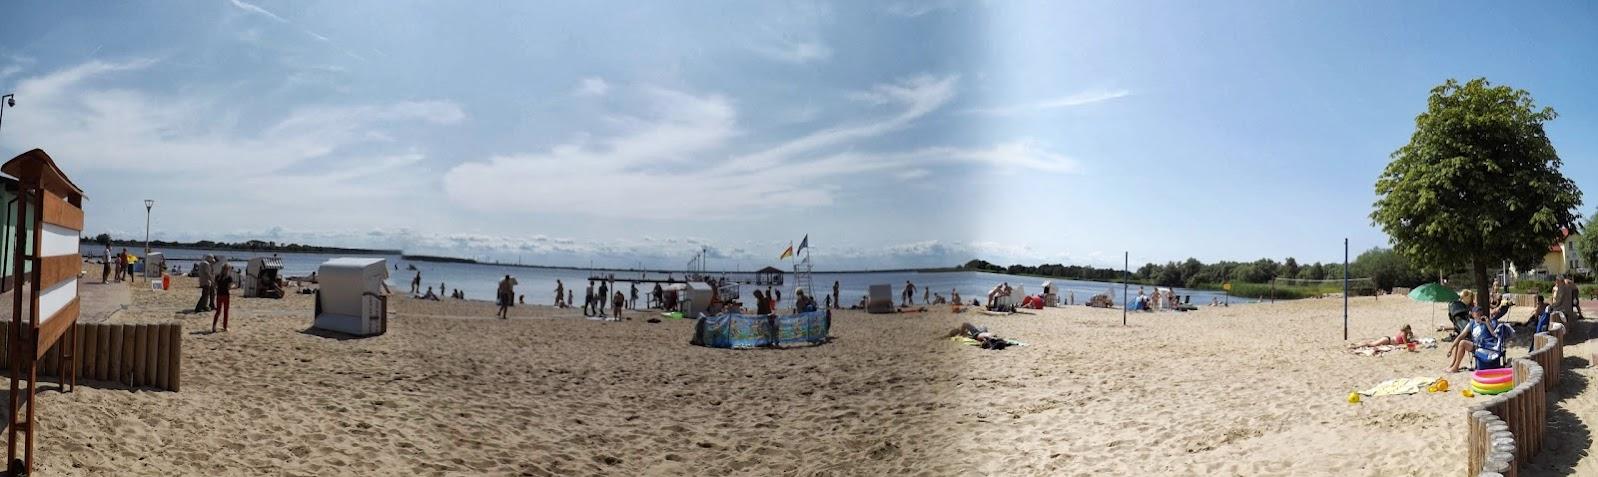 Strandpanorama Stepnica (Alle Bilder © A.M. für gemeinde-tantow.de. Zum Öffnen der Bildergalerie auf das Bild klicken.)